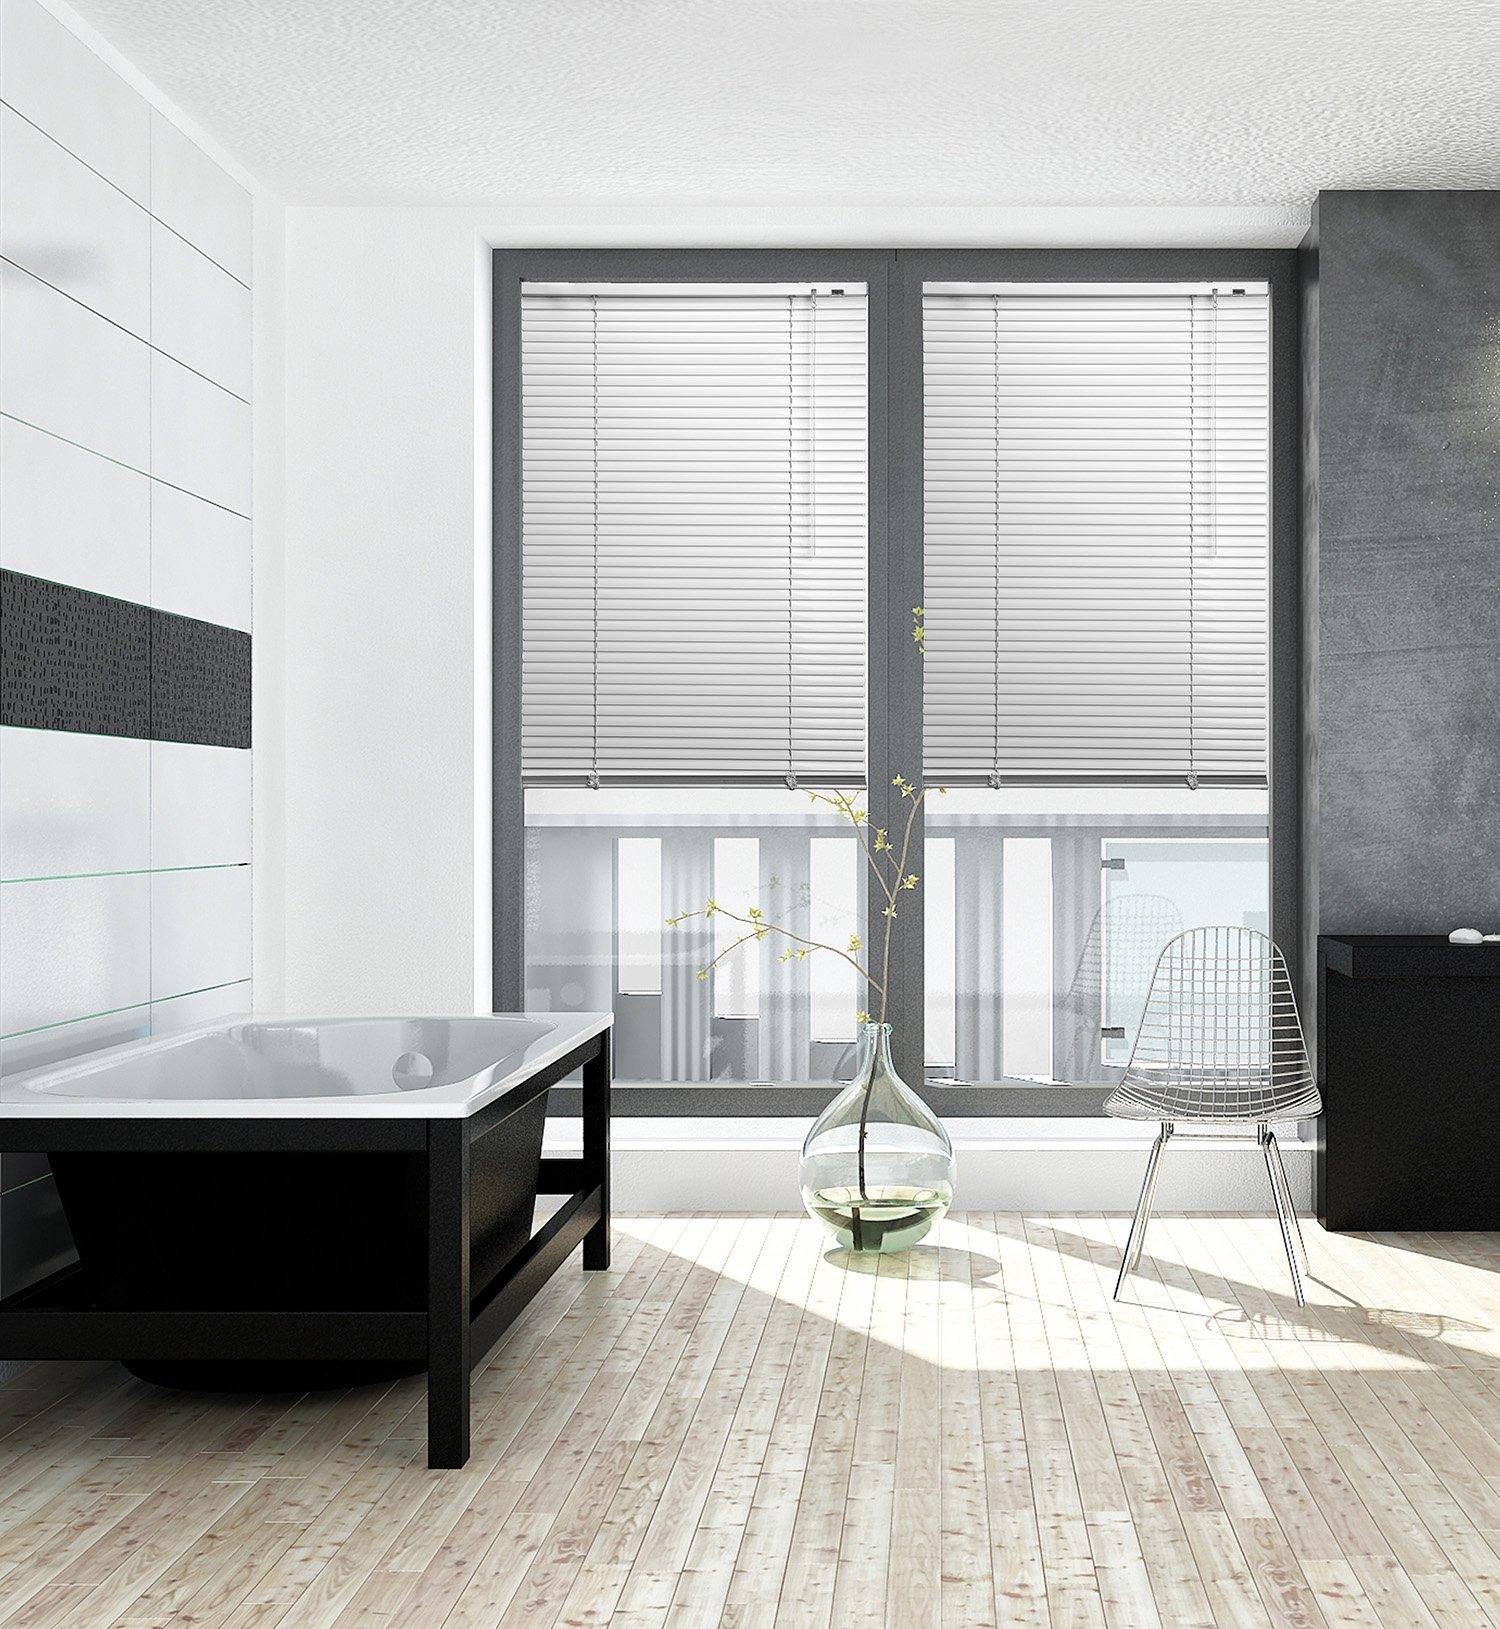 Persiana de aluminio para puertas y ventanas, Ancho de 50 Hasta 220 cm, altura 140/150/170/220/240 cm, montaje de techo y pared (opcional con enganches) en muchos colores, antracita, 140 x 170 cm: Amazon.es: Hogar